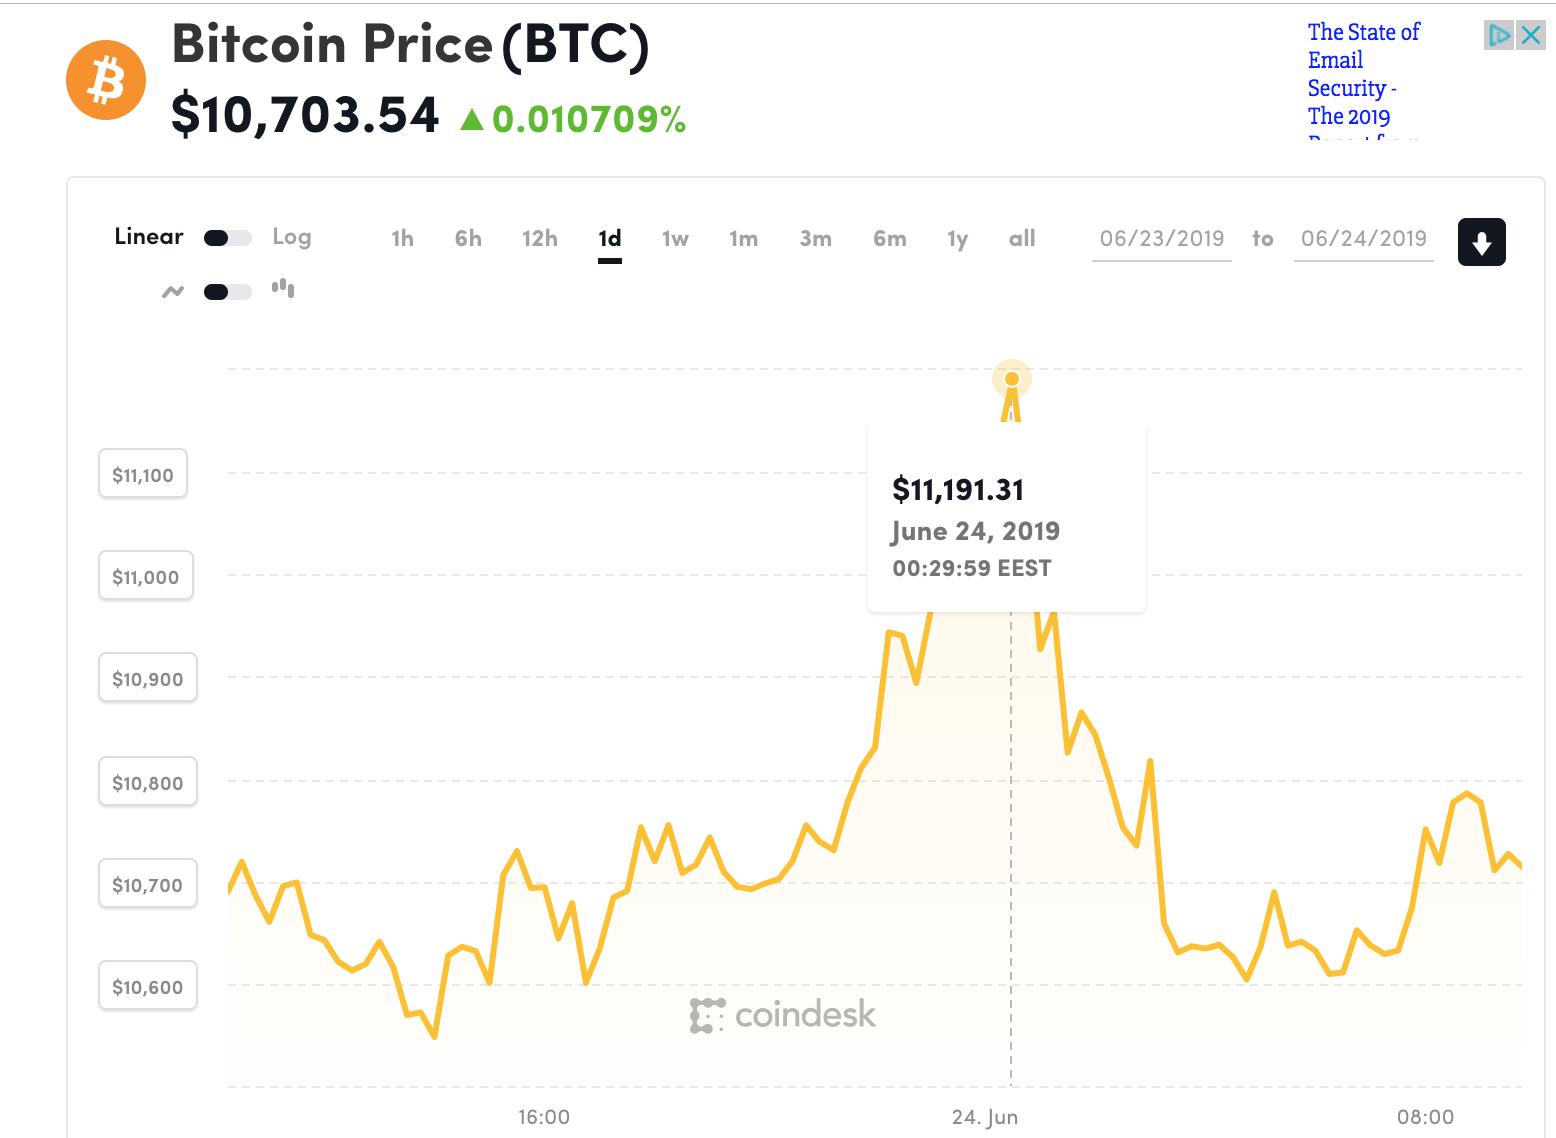 Creșterea Bitcoin pe parcursul anului)